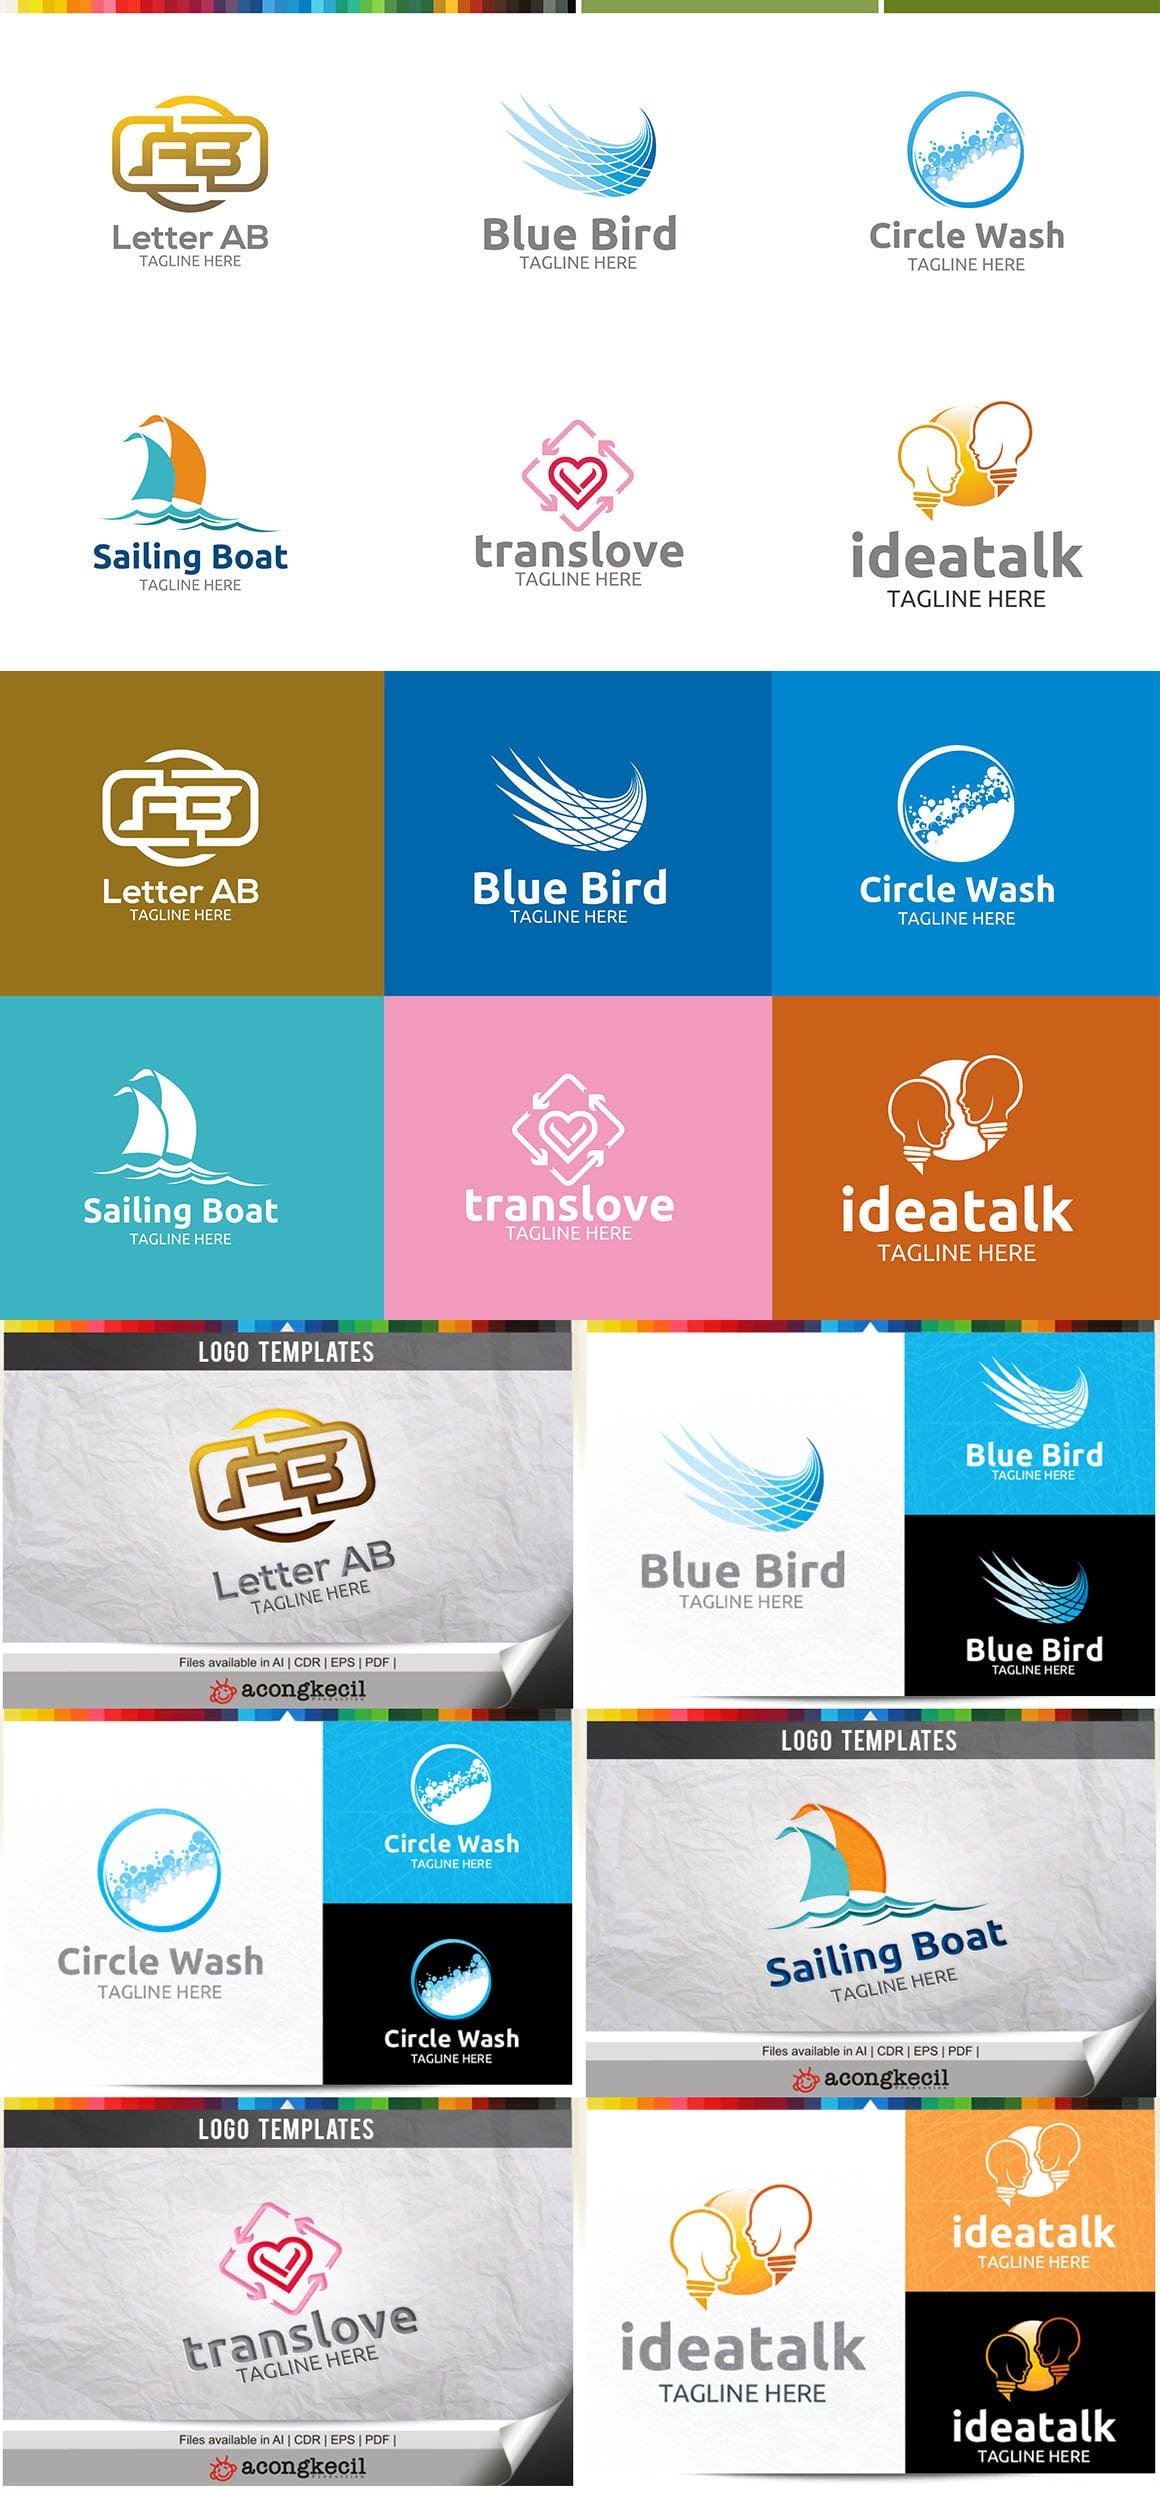 446 Business Logo Bundle - 99%+ OFF - Bundle 21 Preview5a